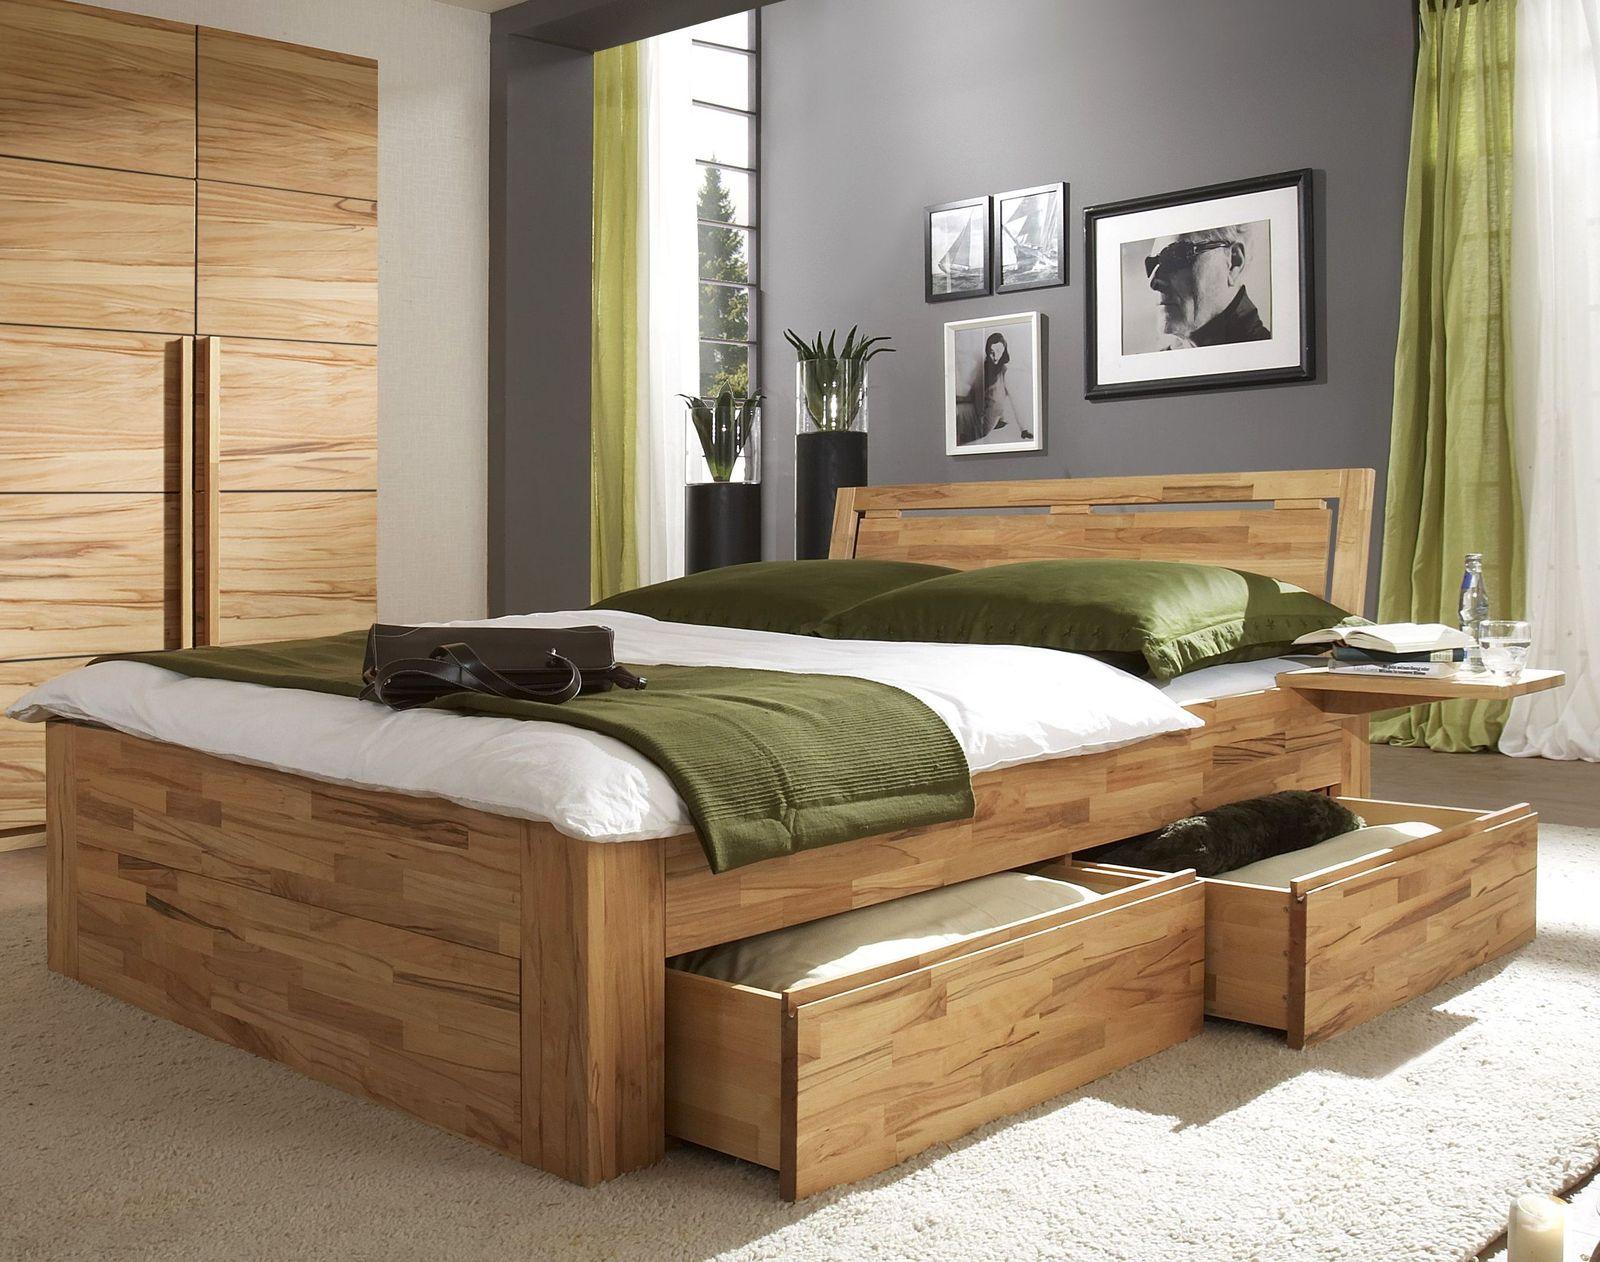 Aufbewahrung Fotos Bett Mit Aufbewahrung Betten Stauraum ...